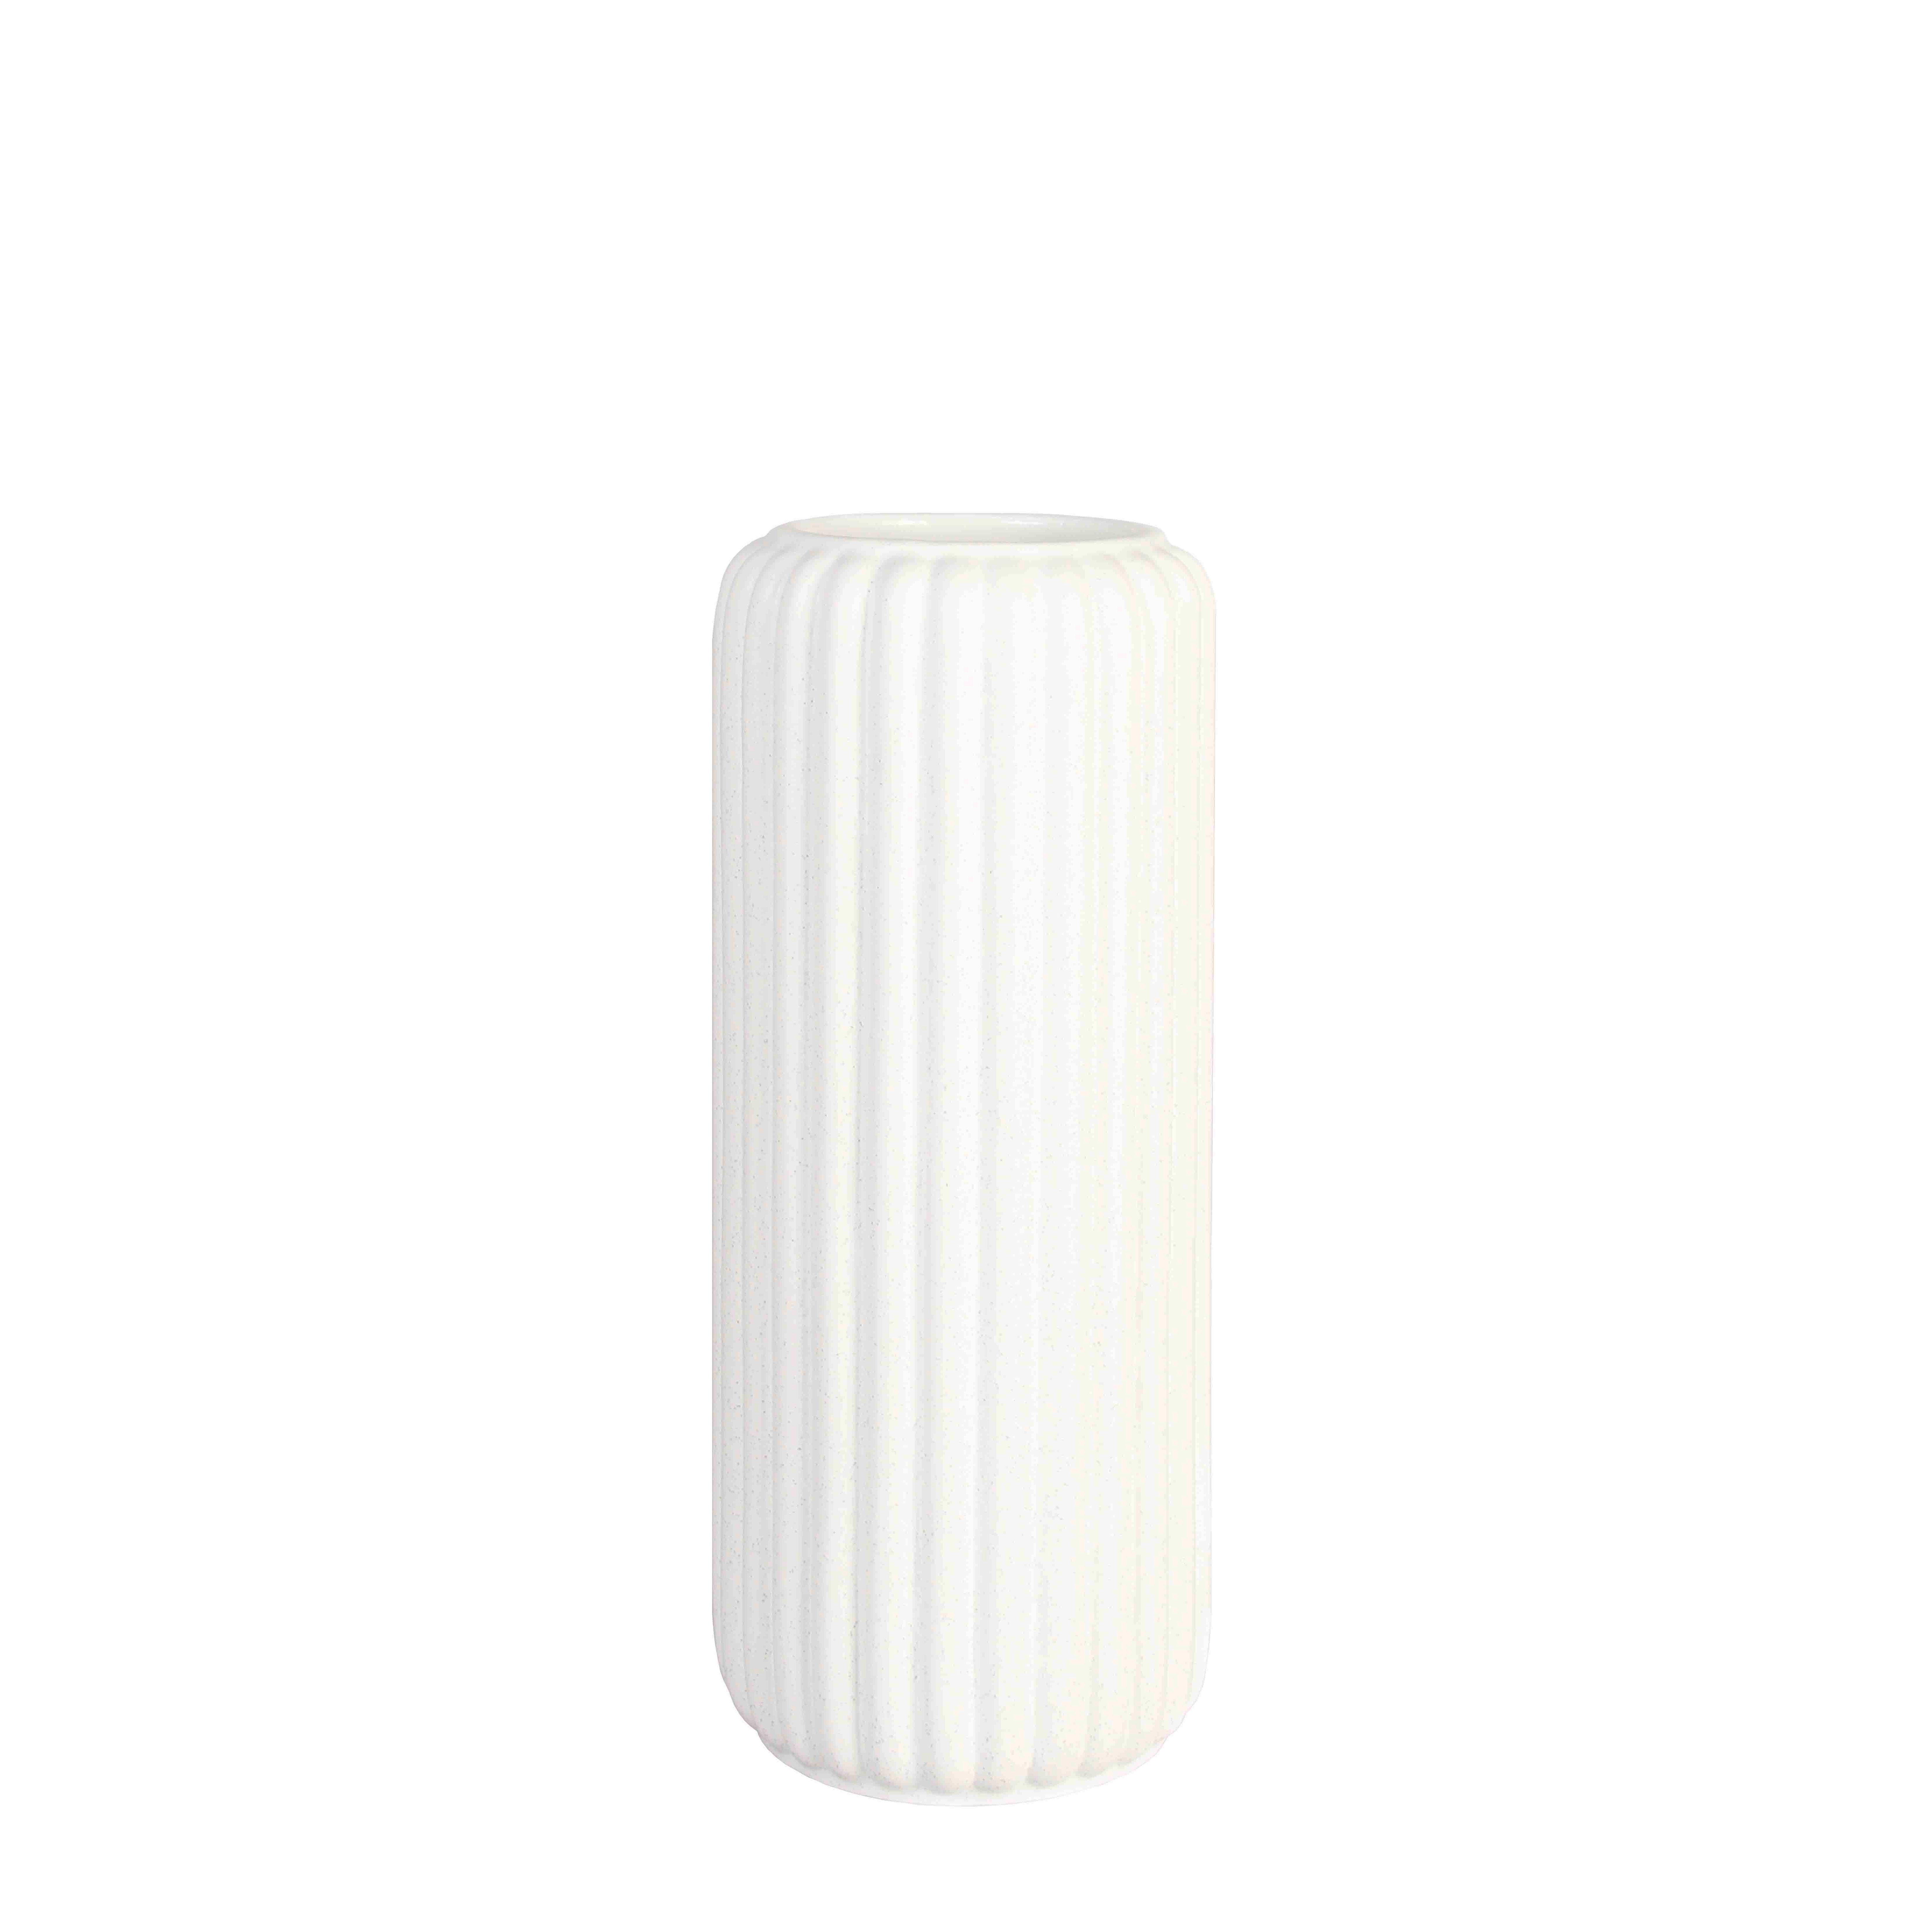 Déco - Vases - Vase Speckle - & klevering - Blanc - Céramique